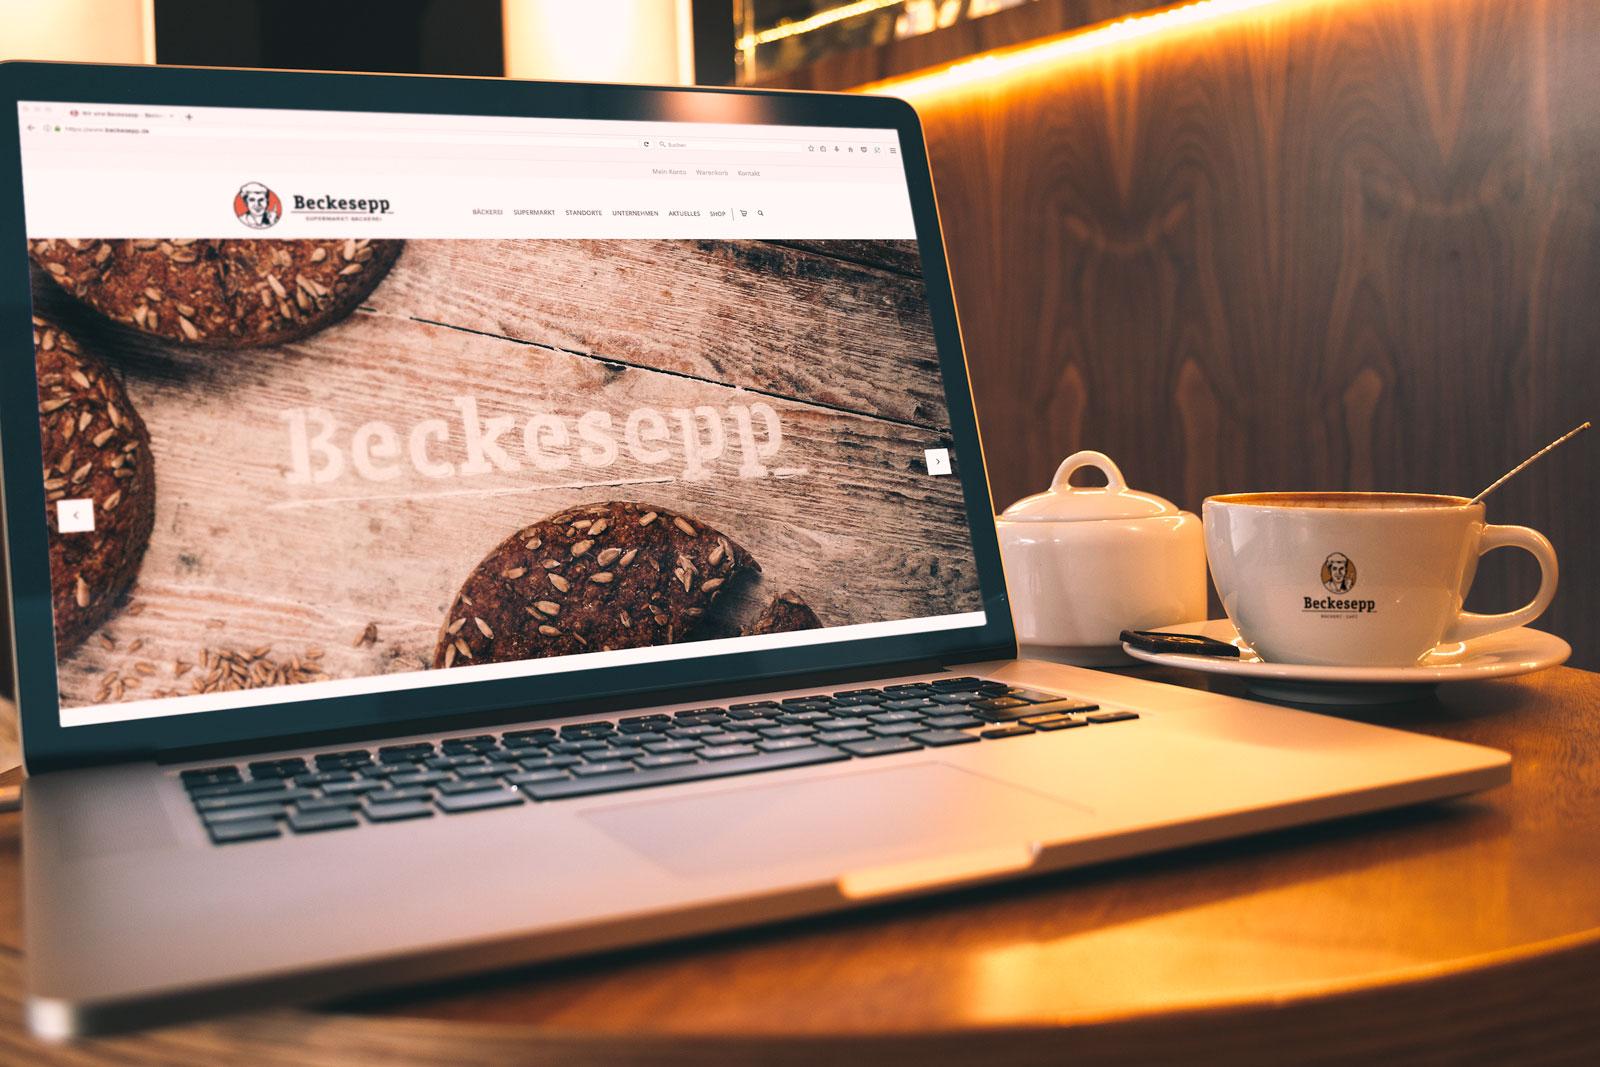 Website Beckesepp